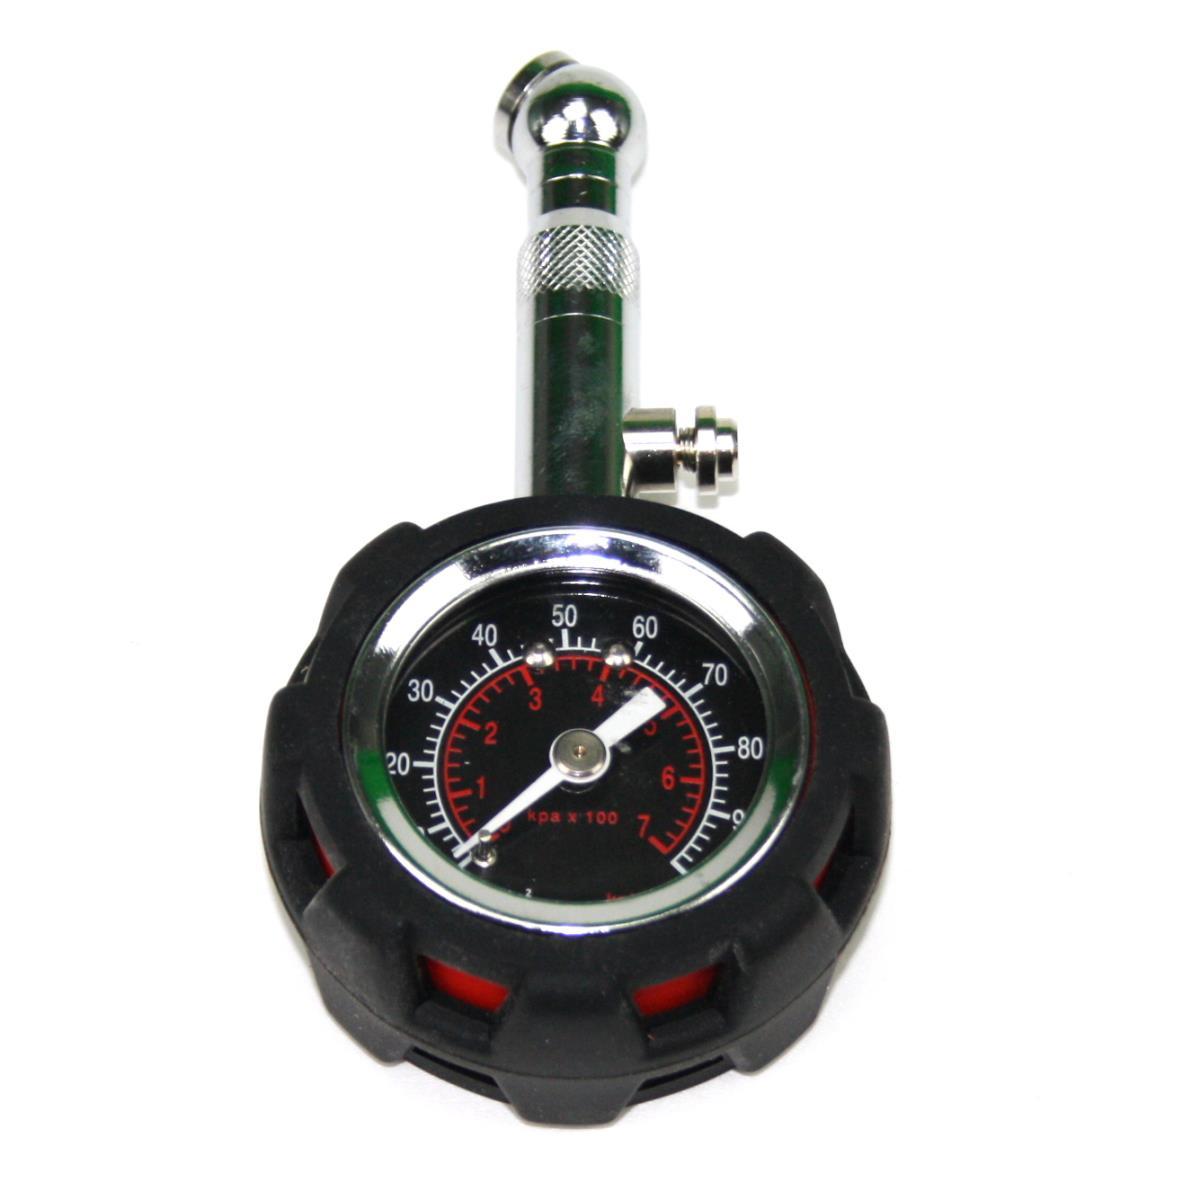 Reifendruckprüfer Luftdruckprüfer Manometer Druckmesser Reifendruckmesser,unknown,000051149304, 4770364184772